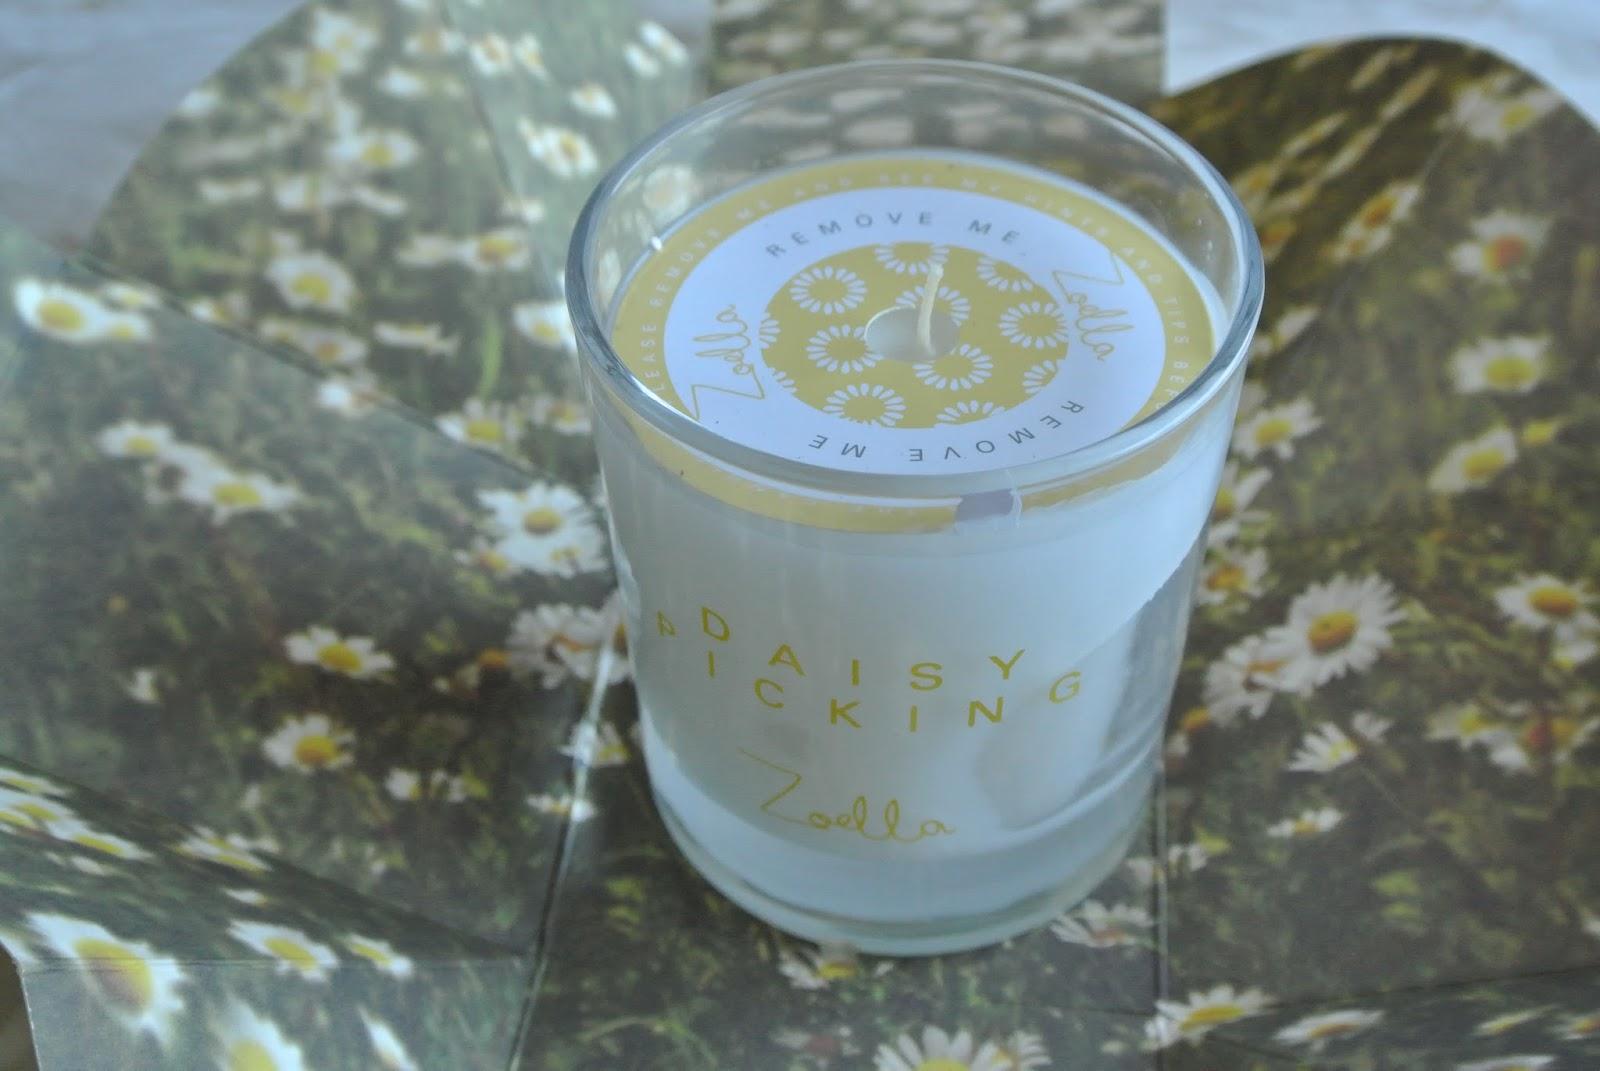 Zoella Lifestyle Daisy Picking Candle Image